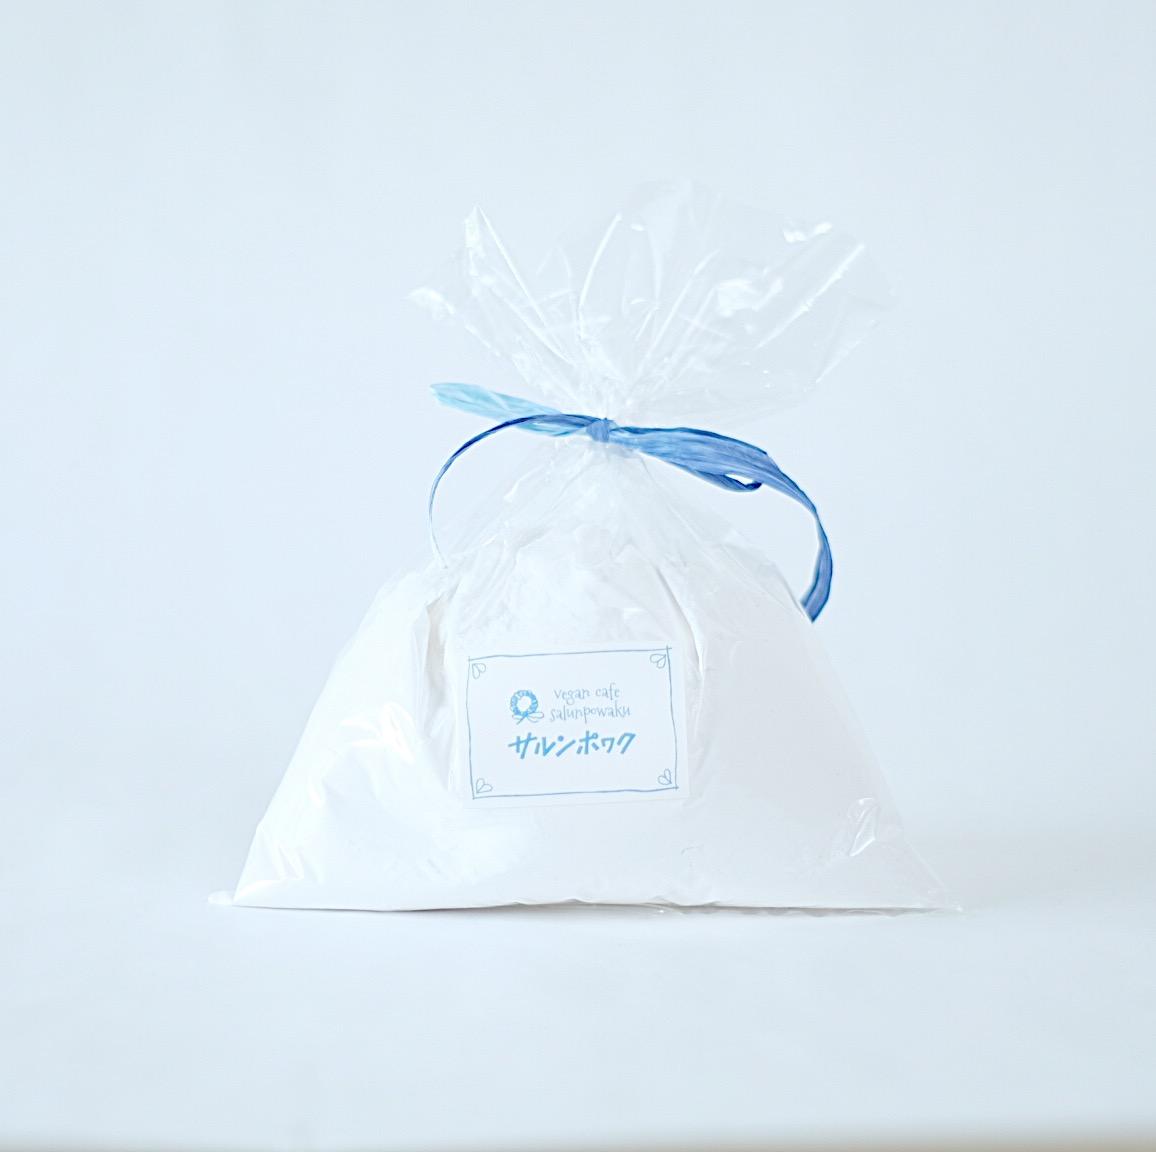 米粉のクレープ粉 900円(税別)